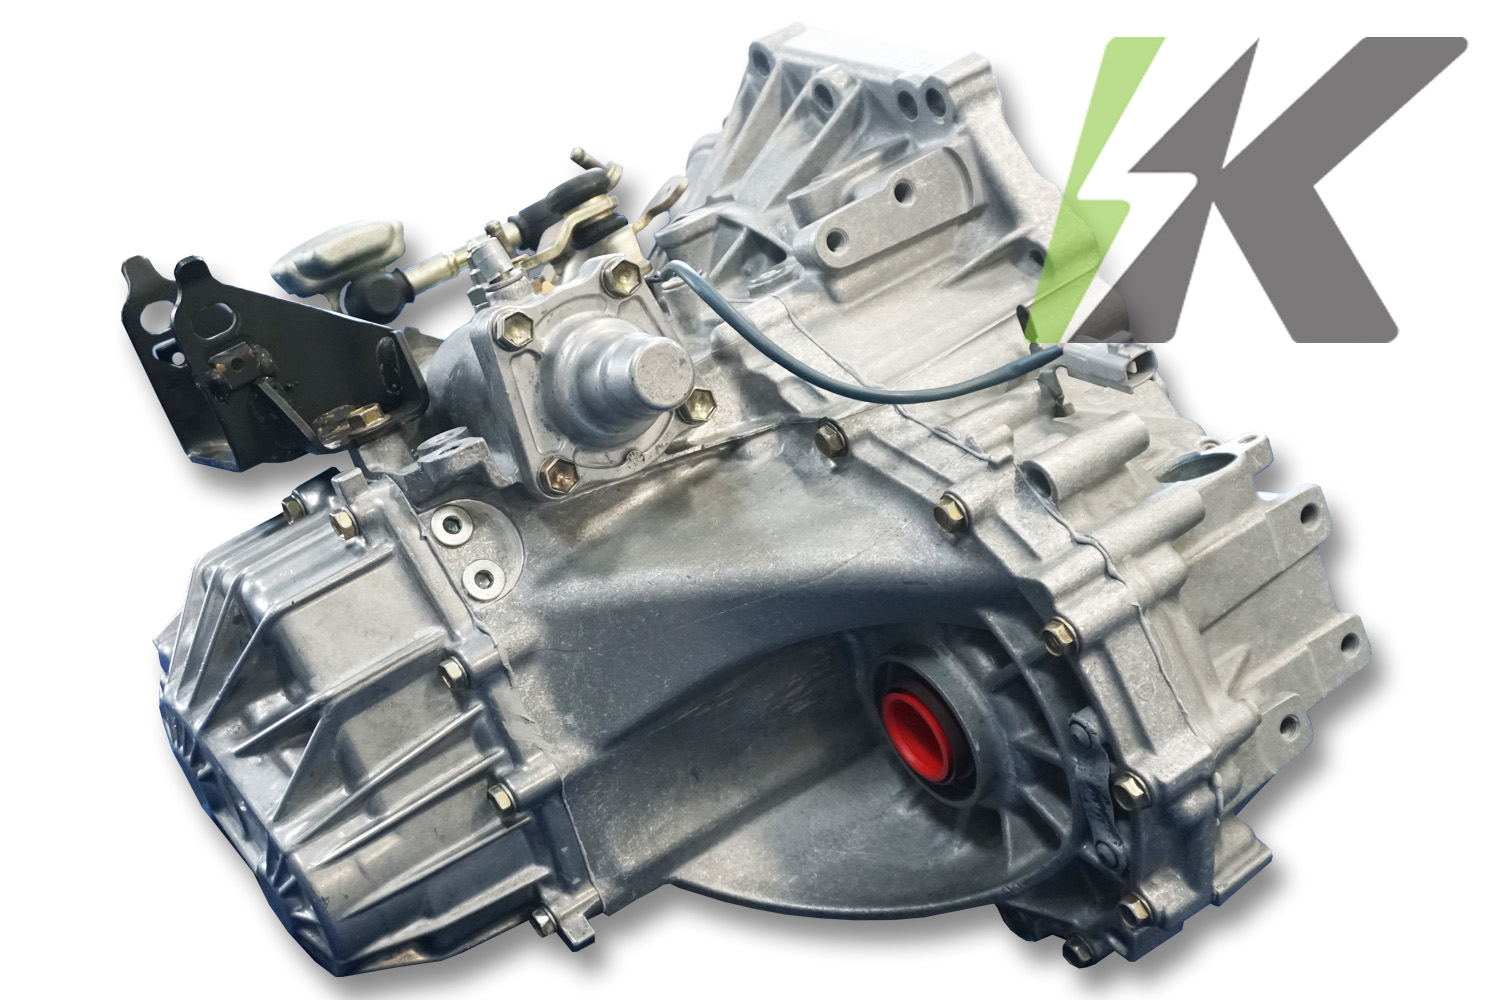 Rebuilt C6X Transmission for Lotus 2ZZ-GE